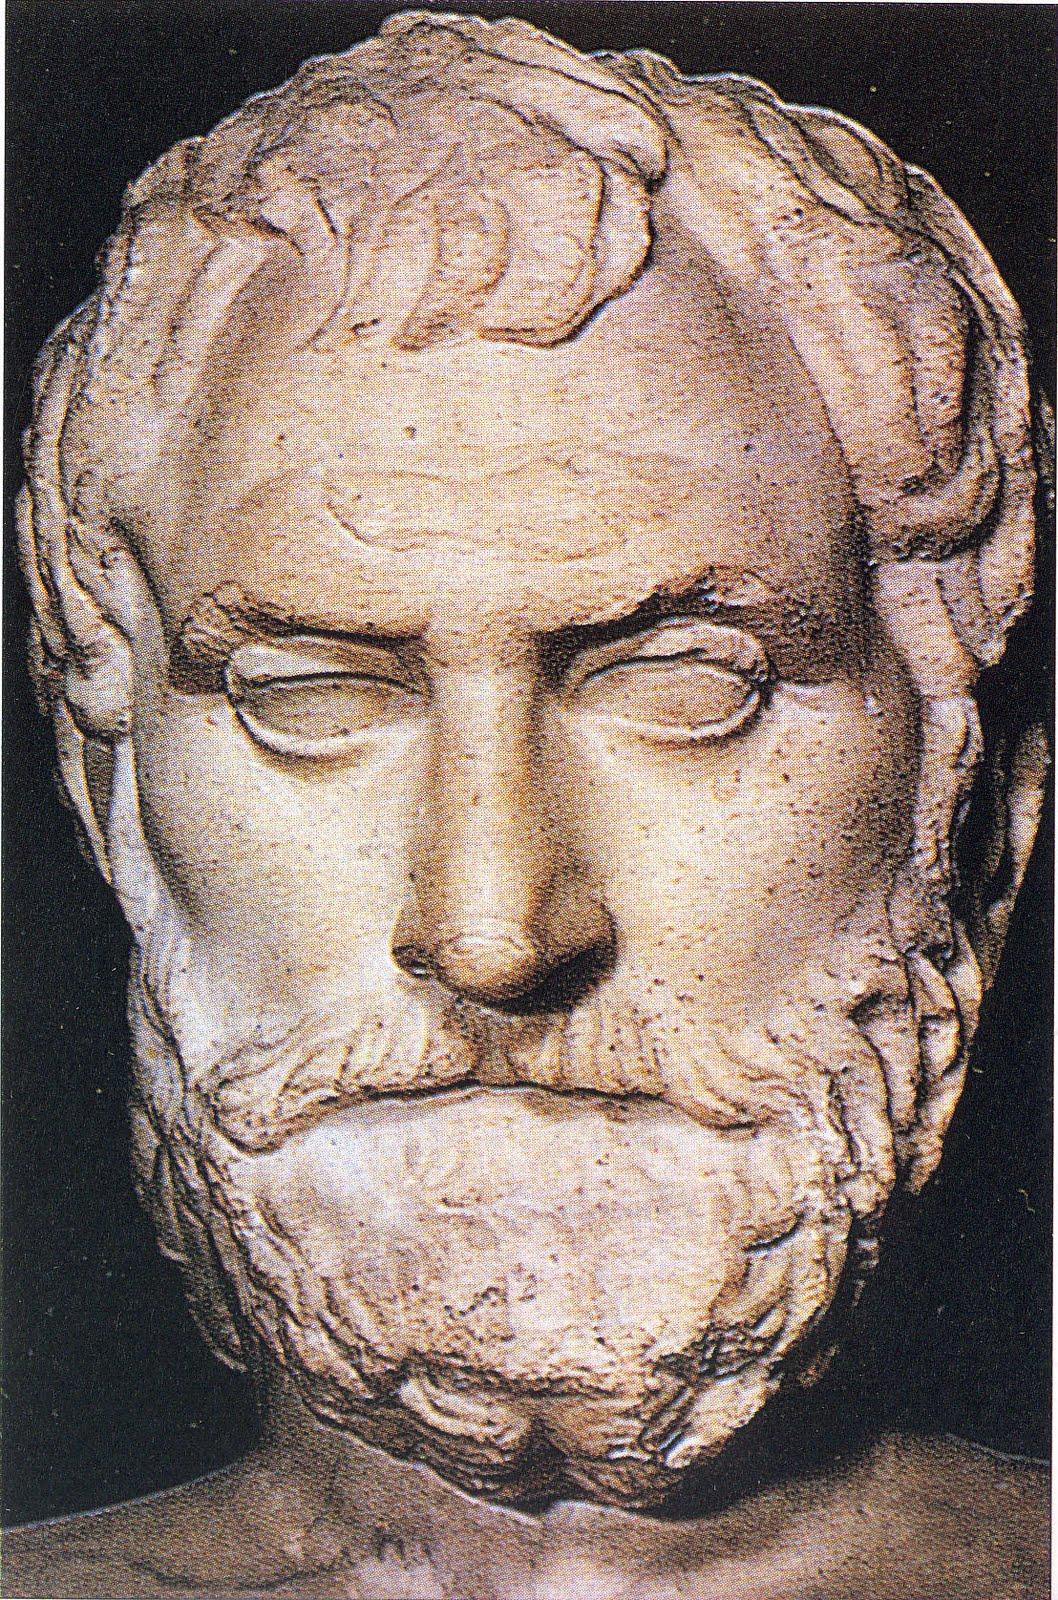 Biografia De Anaximandro De Mileto Artigo Ajuda